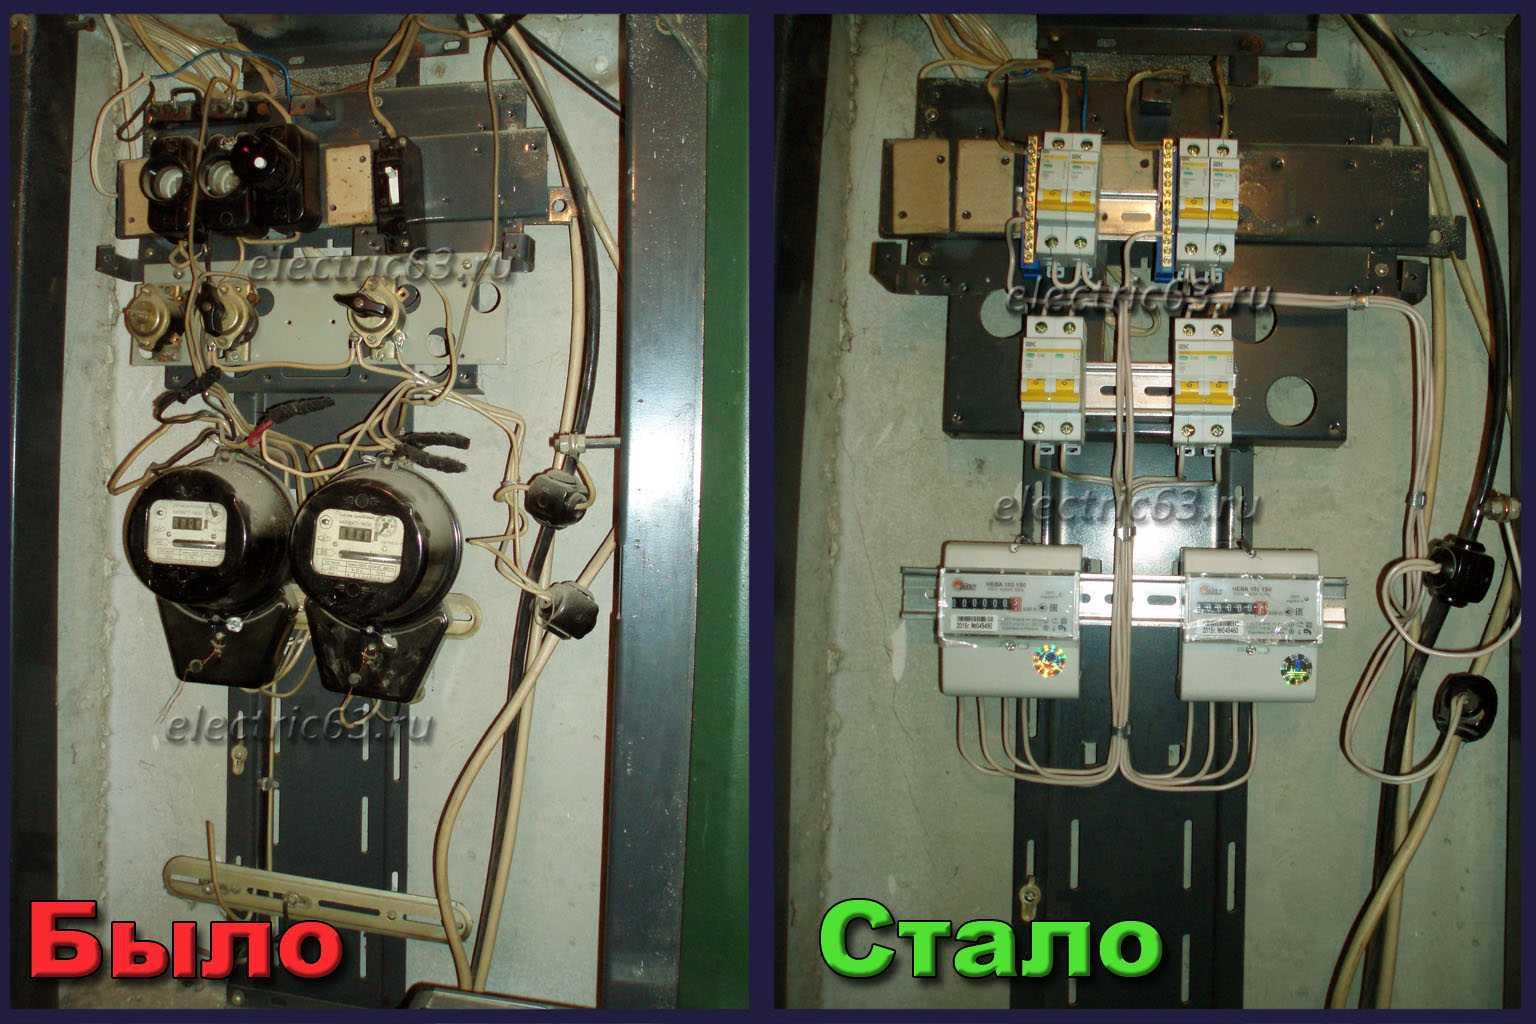 Электрика: устранить неполадки с электричеством. включила лампу. погас свет в половине квартиры….